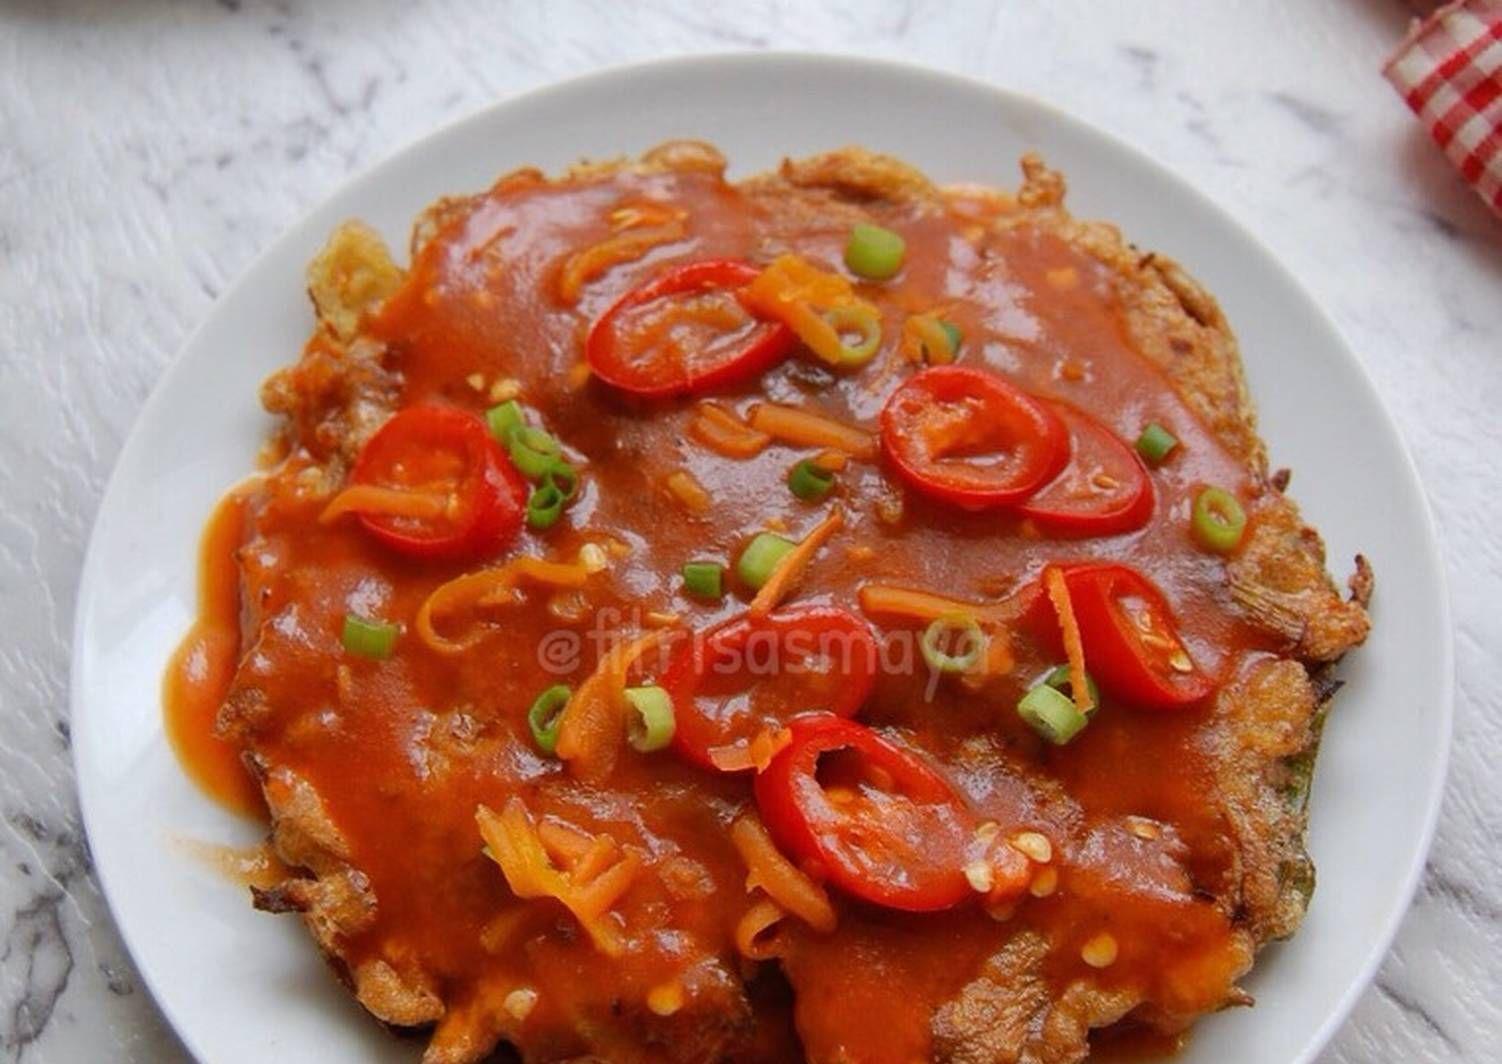 Resep Dadar Wortel Saos Asem Manis Oleh Fitri Sasmaya Resep Resep Masakan Indonesia Resep Makanan